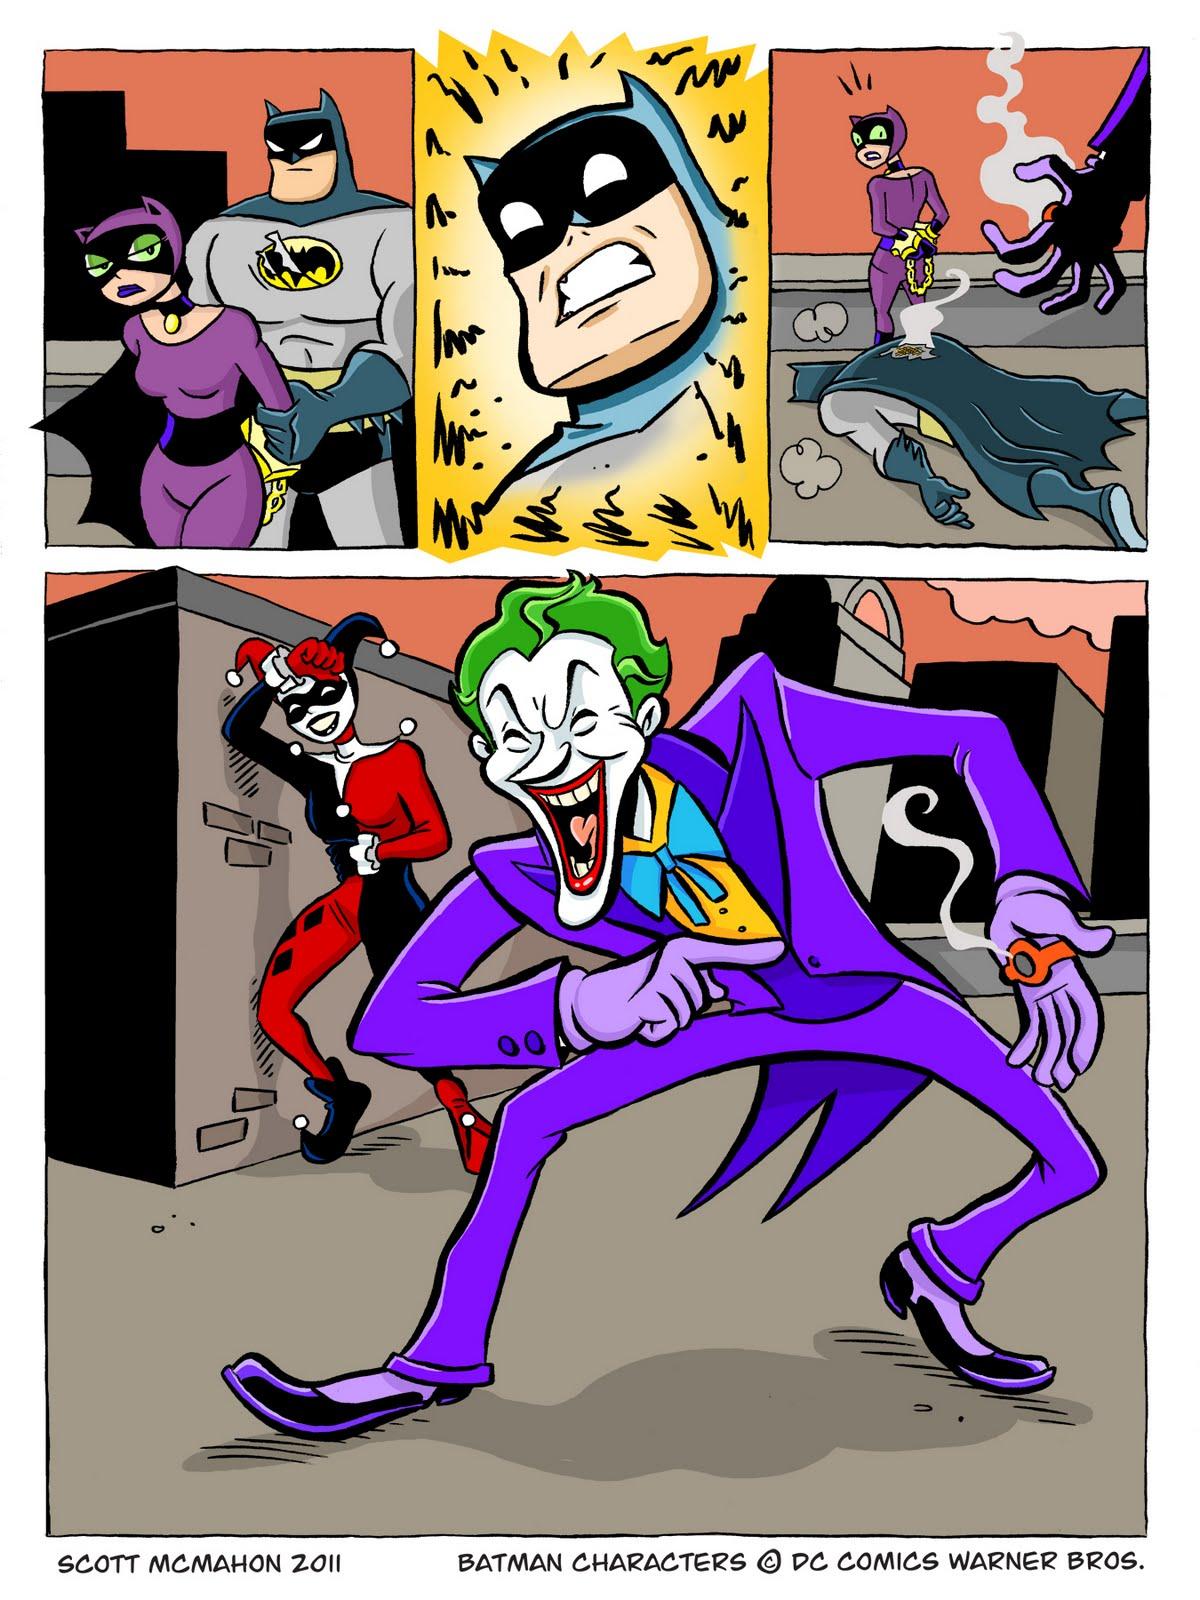 http://4.bp.blogspot.com/_eaZJeyEHcqI/TTyKDdc0OxI/AAAAAAAAAjQ/ZDS_d6nr9wM/s1600/Batman_vs_Joker_pg1.jpg